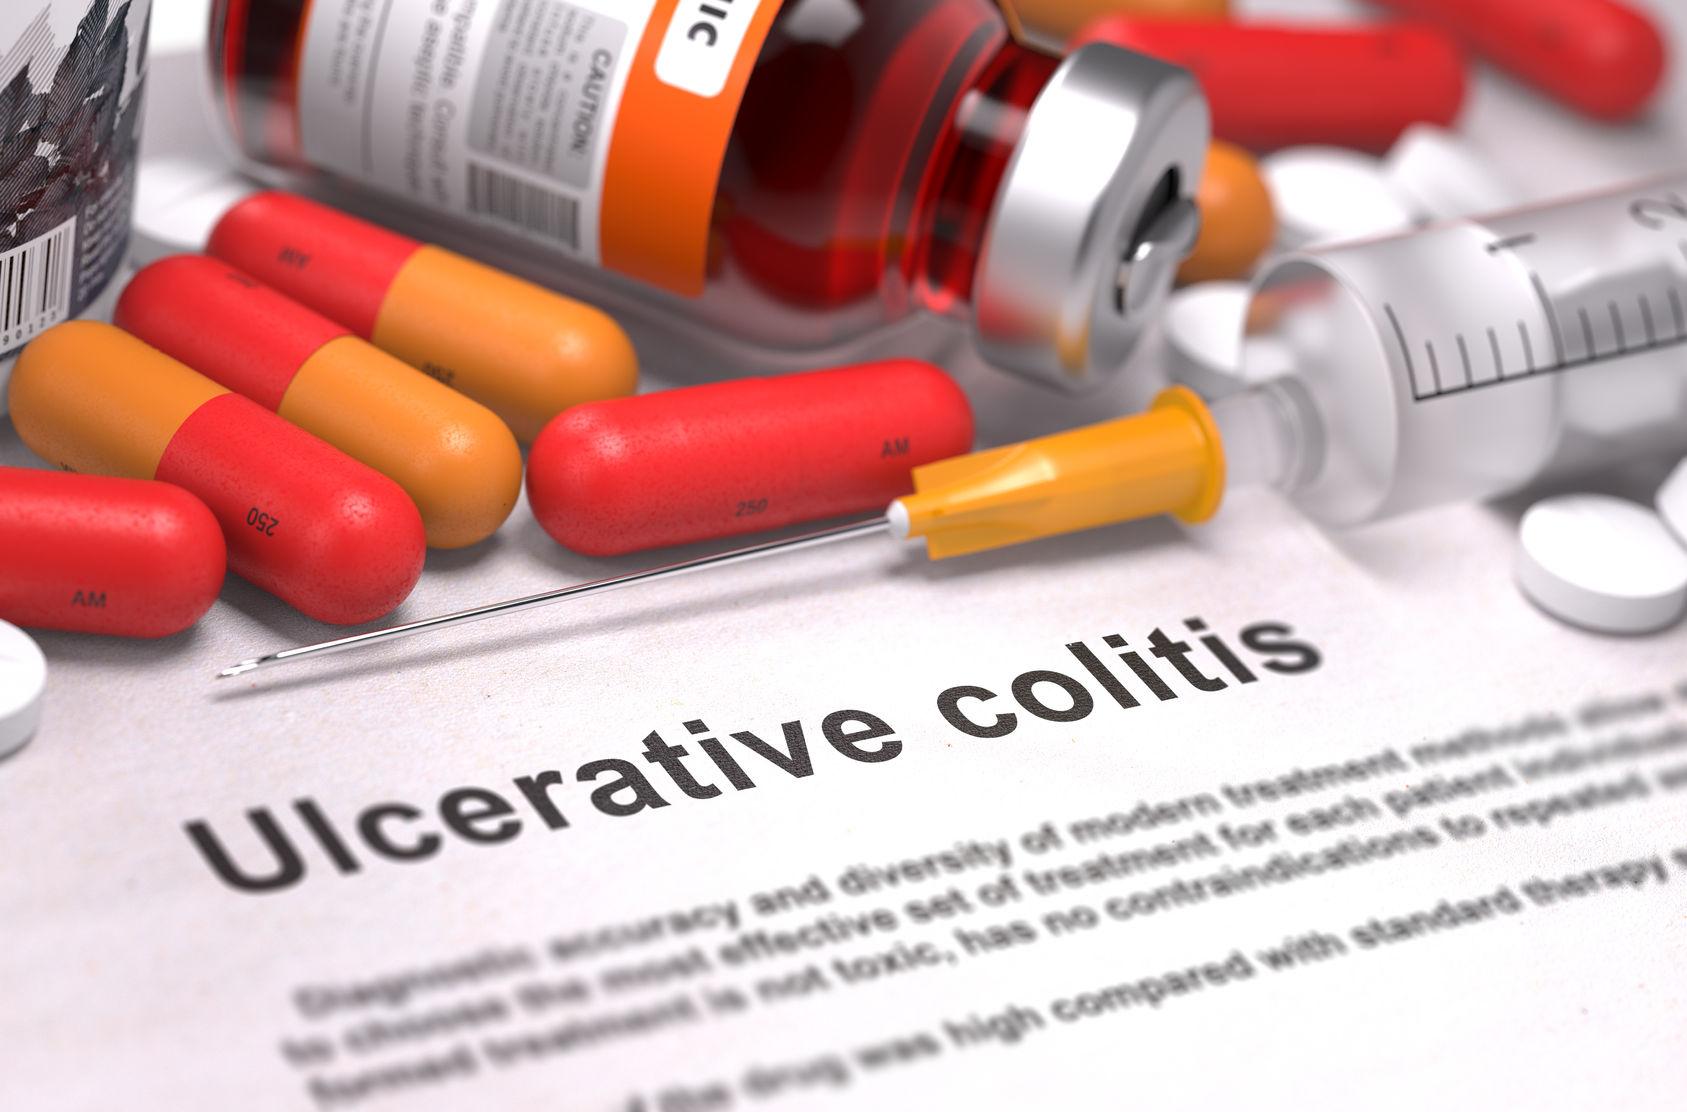 Ulcerative Colitis Recruitment